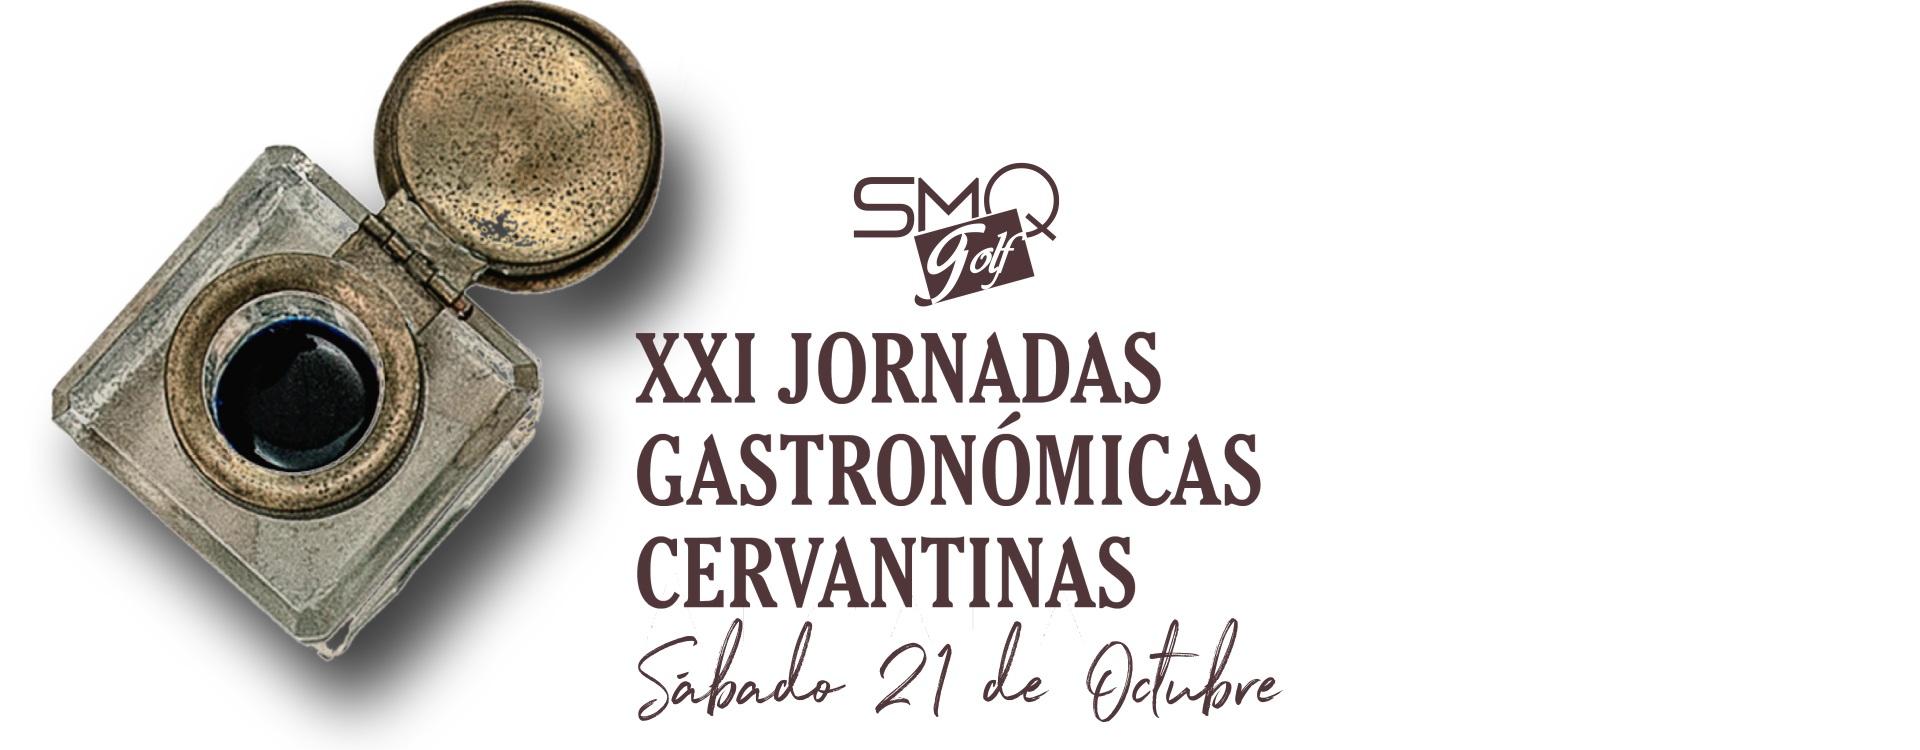 XXI JORNADAS GASTRONÓMICAS CERVANTINAS